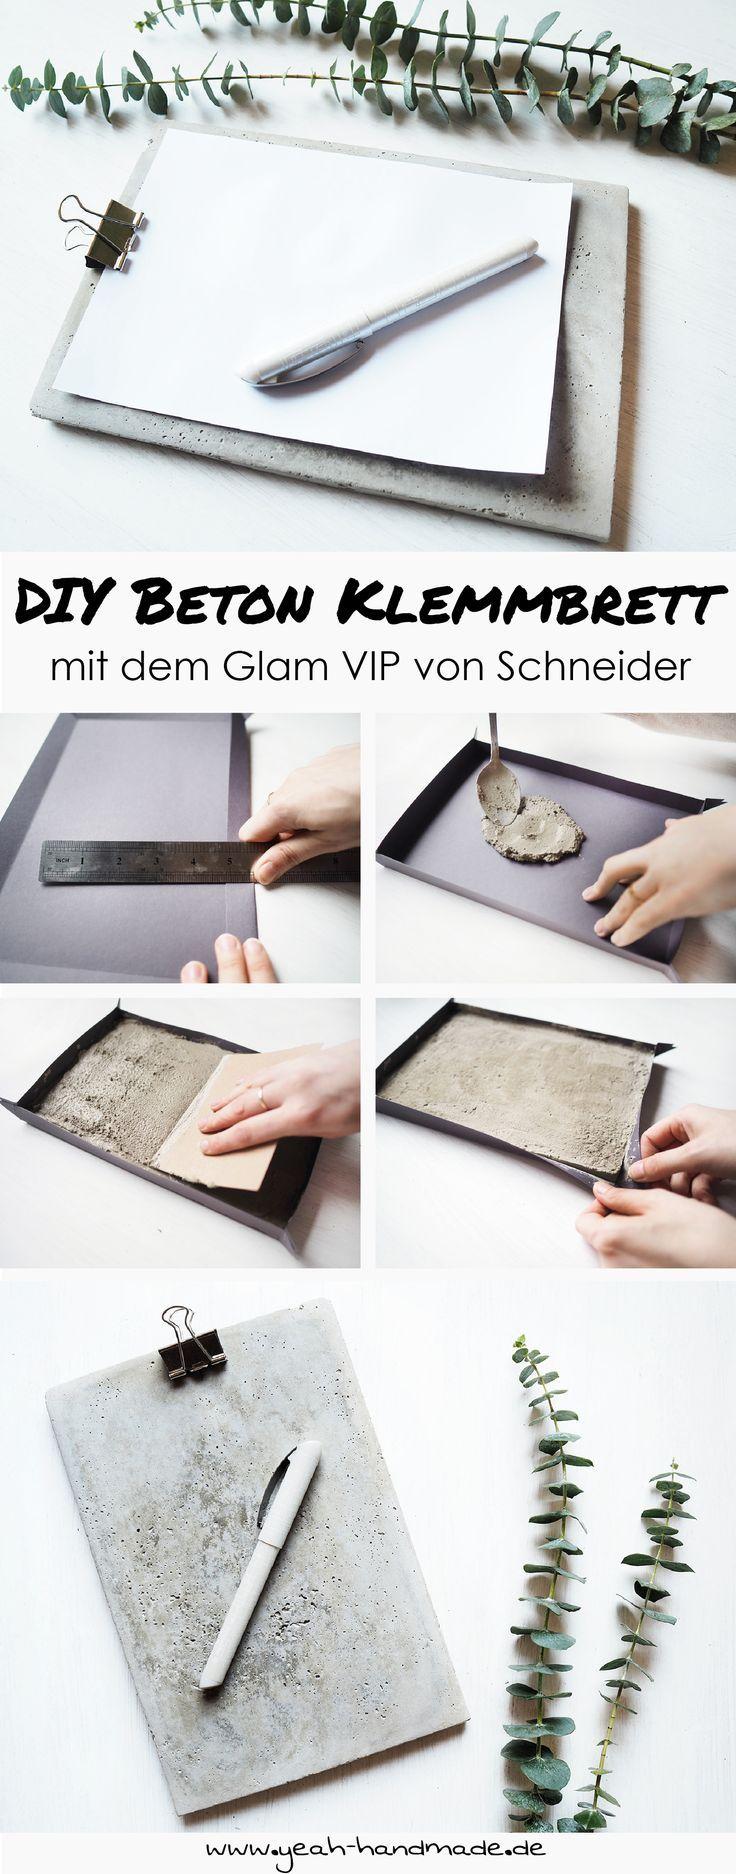 [Anzeige] DIY Klemmbrett aus Beton mit dem Glam VIP von Schneider